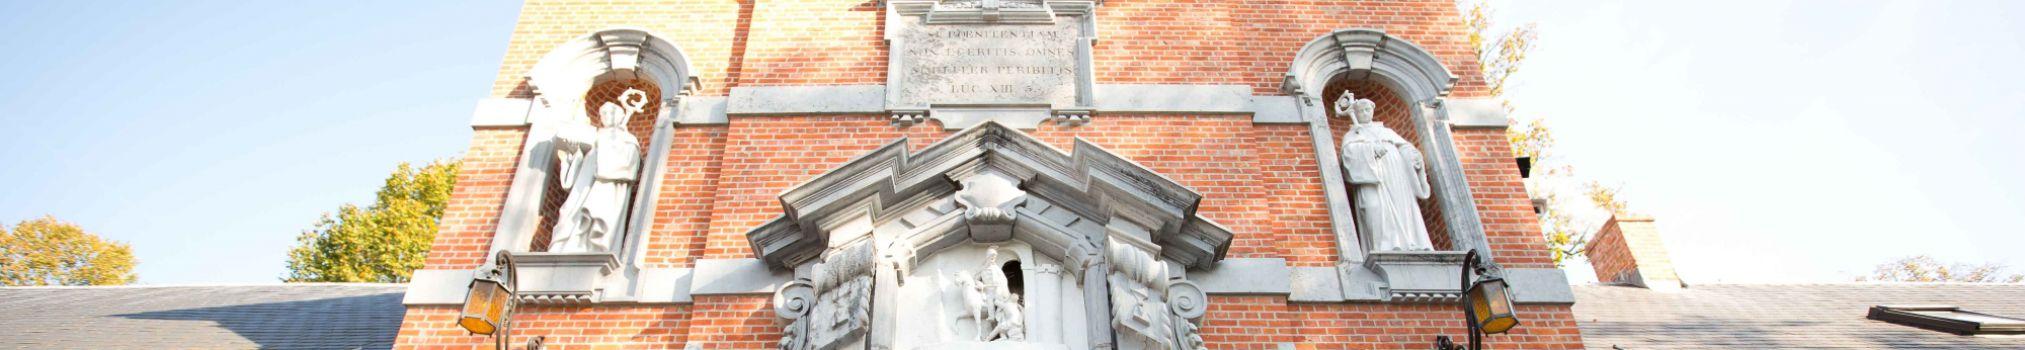 Puerta de acceso a la Abadía de Nuestra Señora del Sagrado Corazón de Westmalle